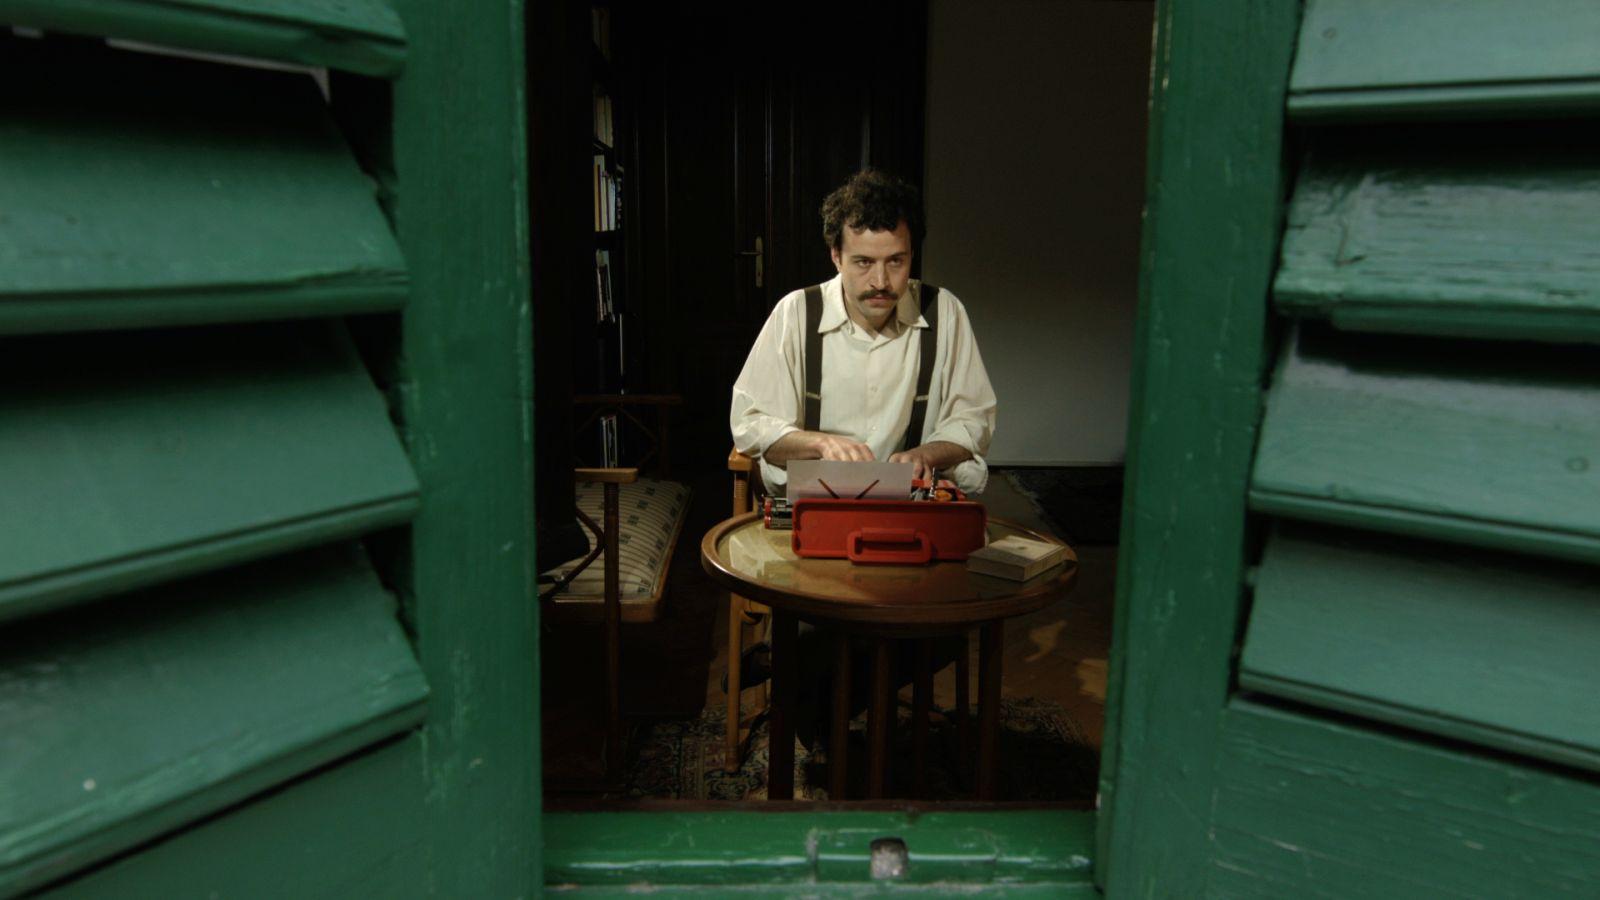 Il profumo del tempo delle favole: un'immagine tratta dal film